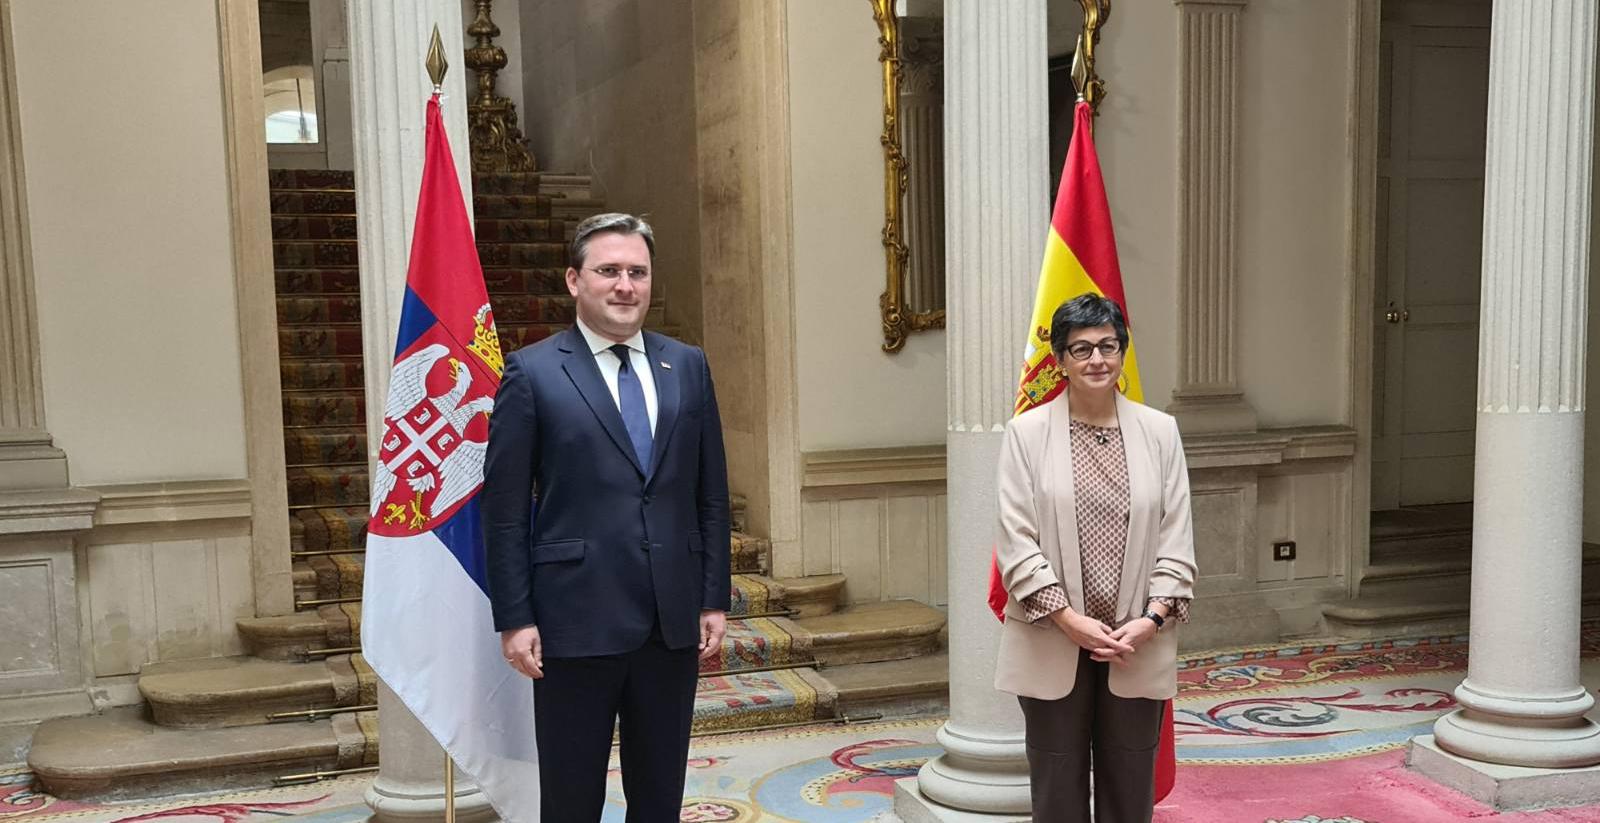 Мадрид: Србија може да рачуна на искрену подршку Шпаније у погледу очувања њеног територијалног интегритета